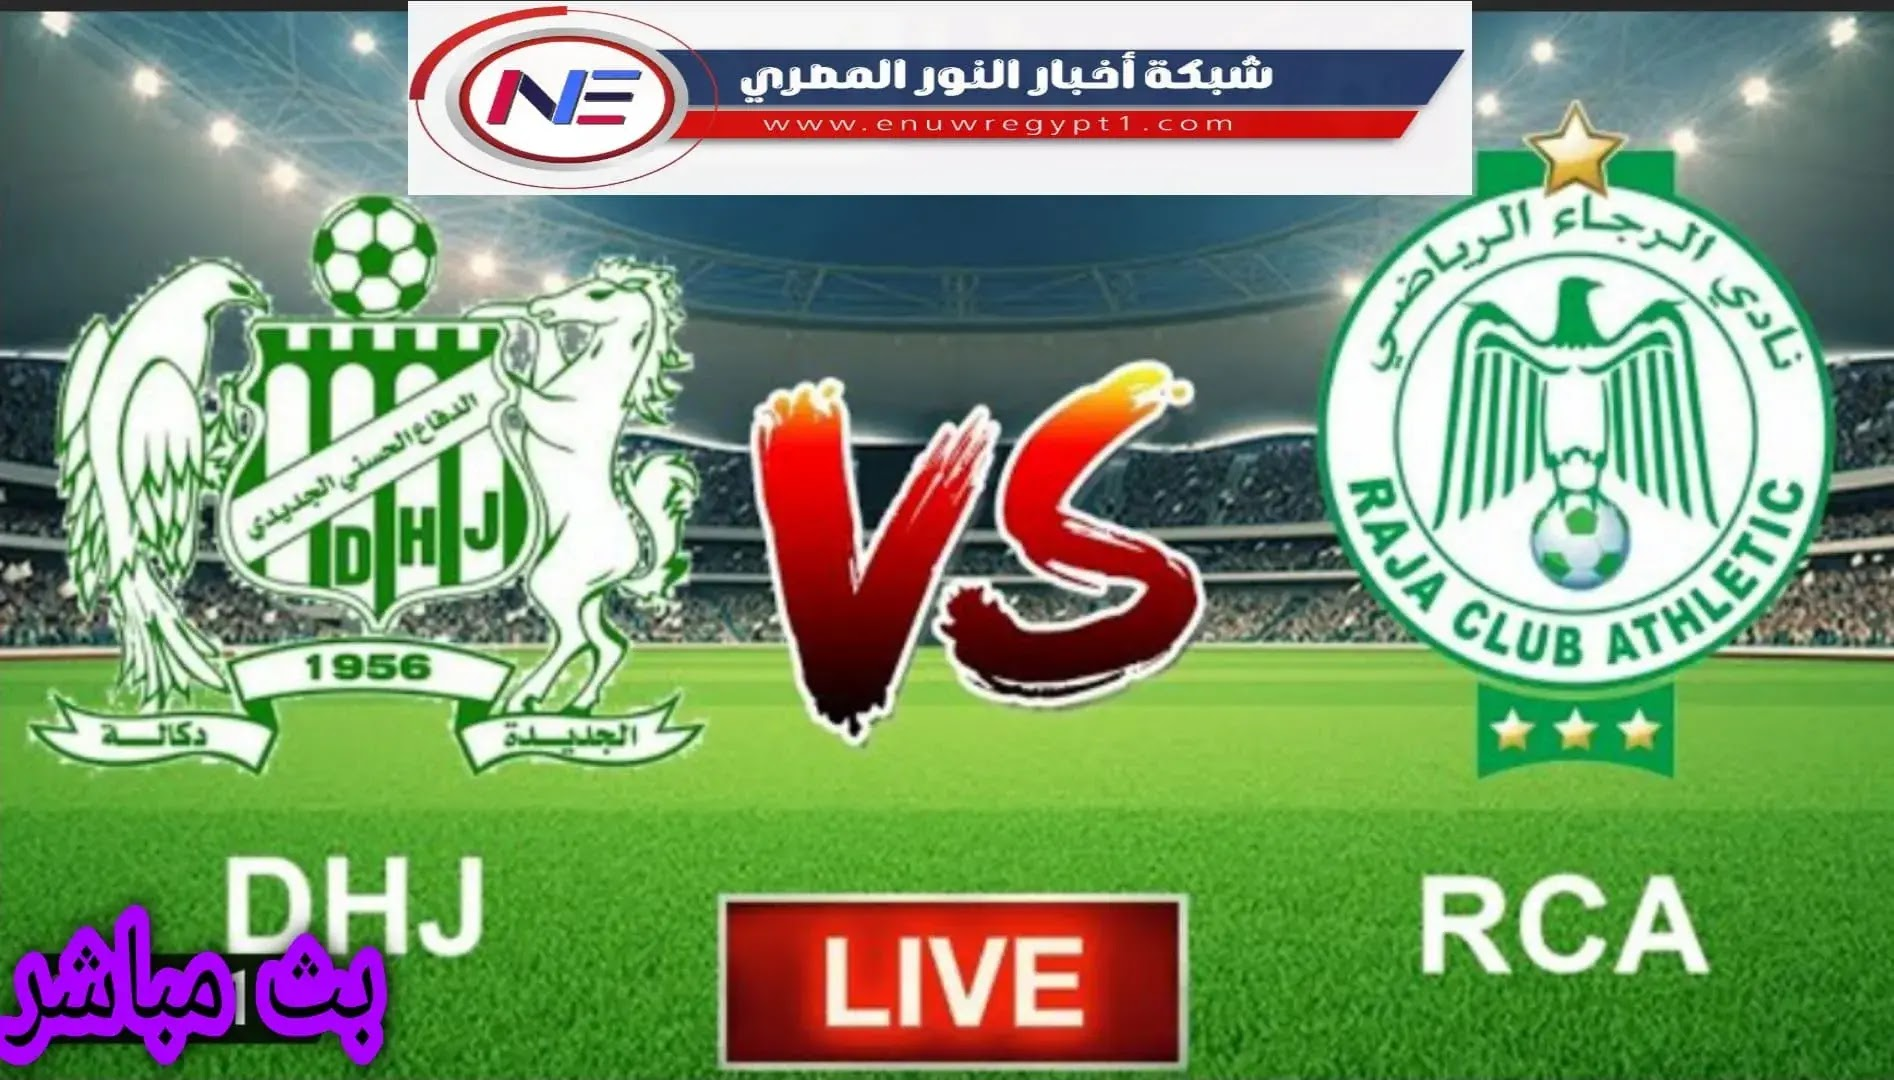 مشاهدة مباراة الرجاء و الدفاع الحسني الجديدى بث مباشر اليوم الأحد 28-02-2021. في الدورى المغربي لايف بدون تقطيع